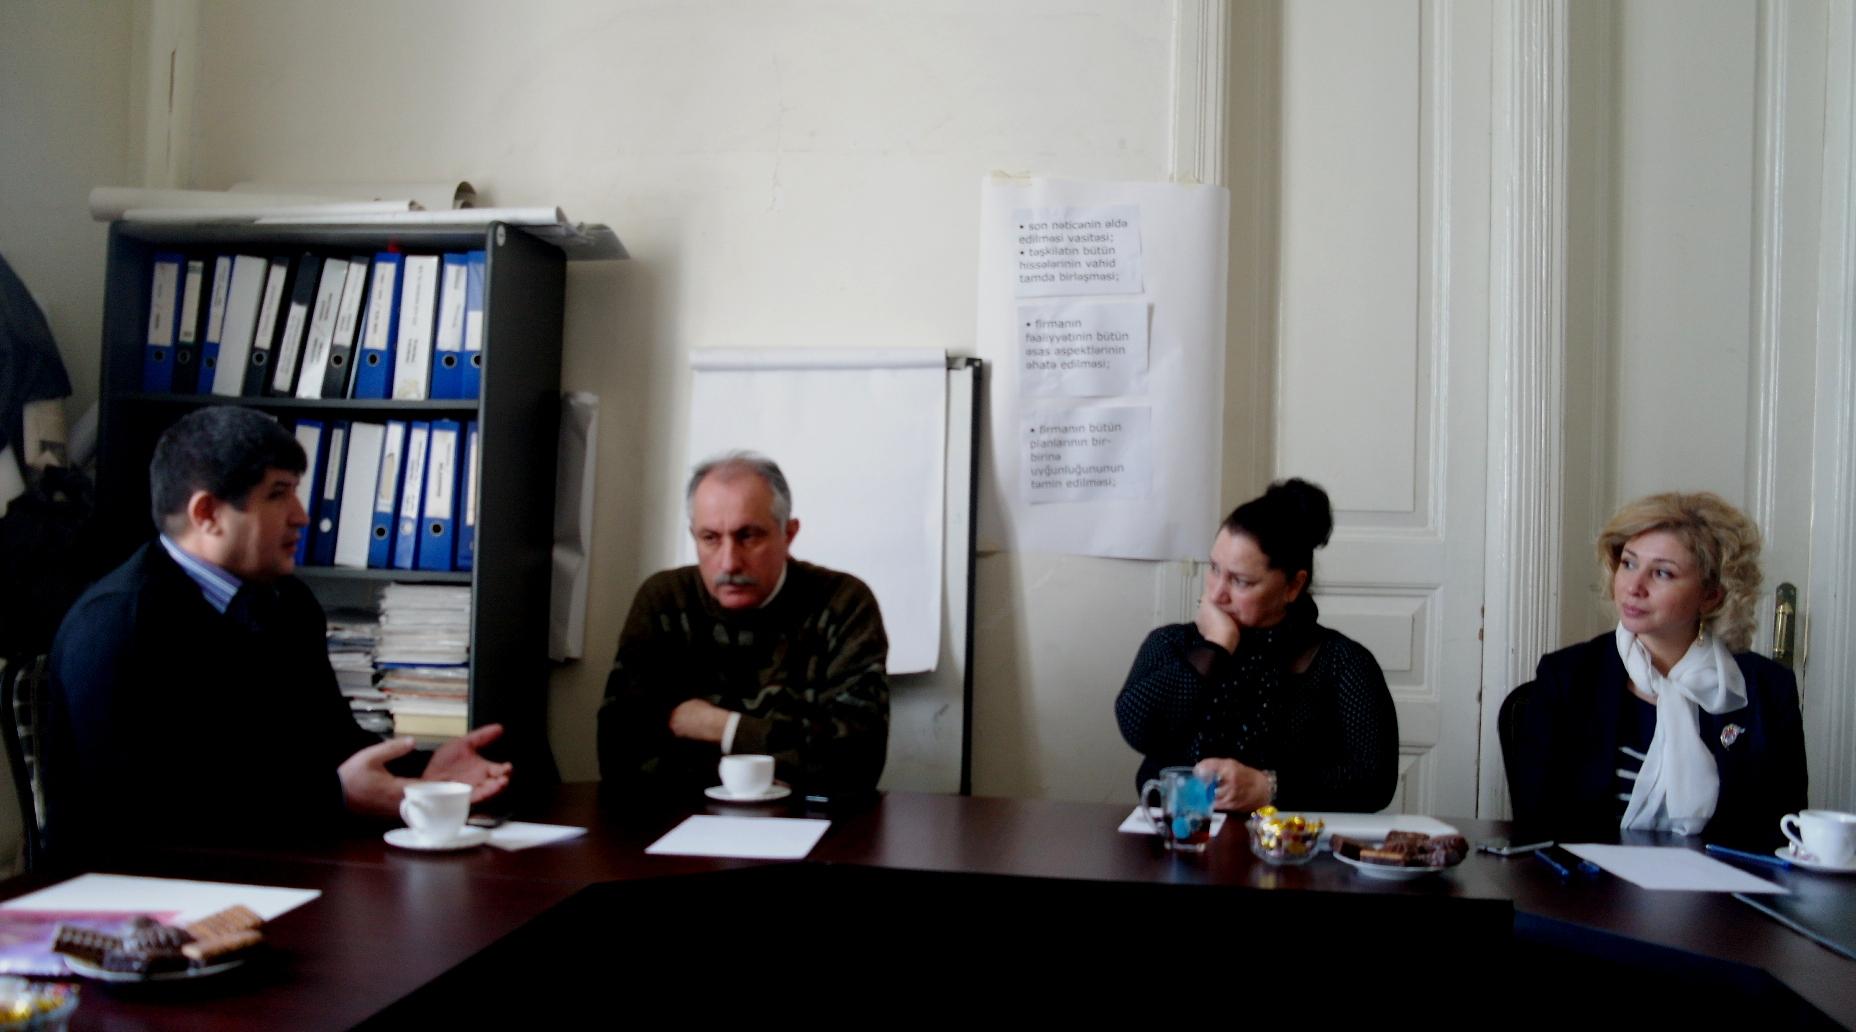 Reper Əli Camala və 17 mart mitinqində saxlanmış digər iştirakçılara qarşı zorakılıq pislənilib